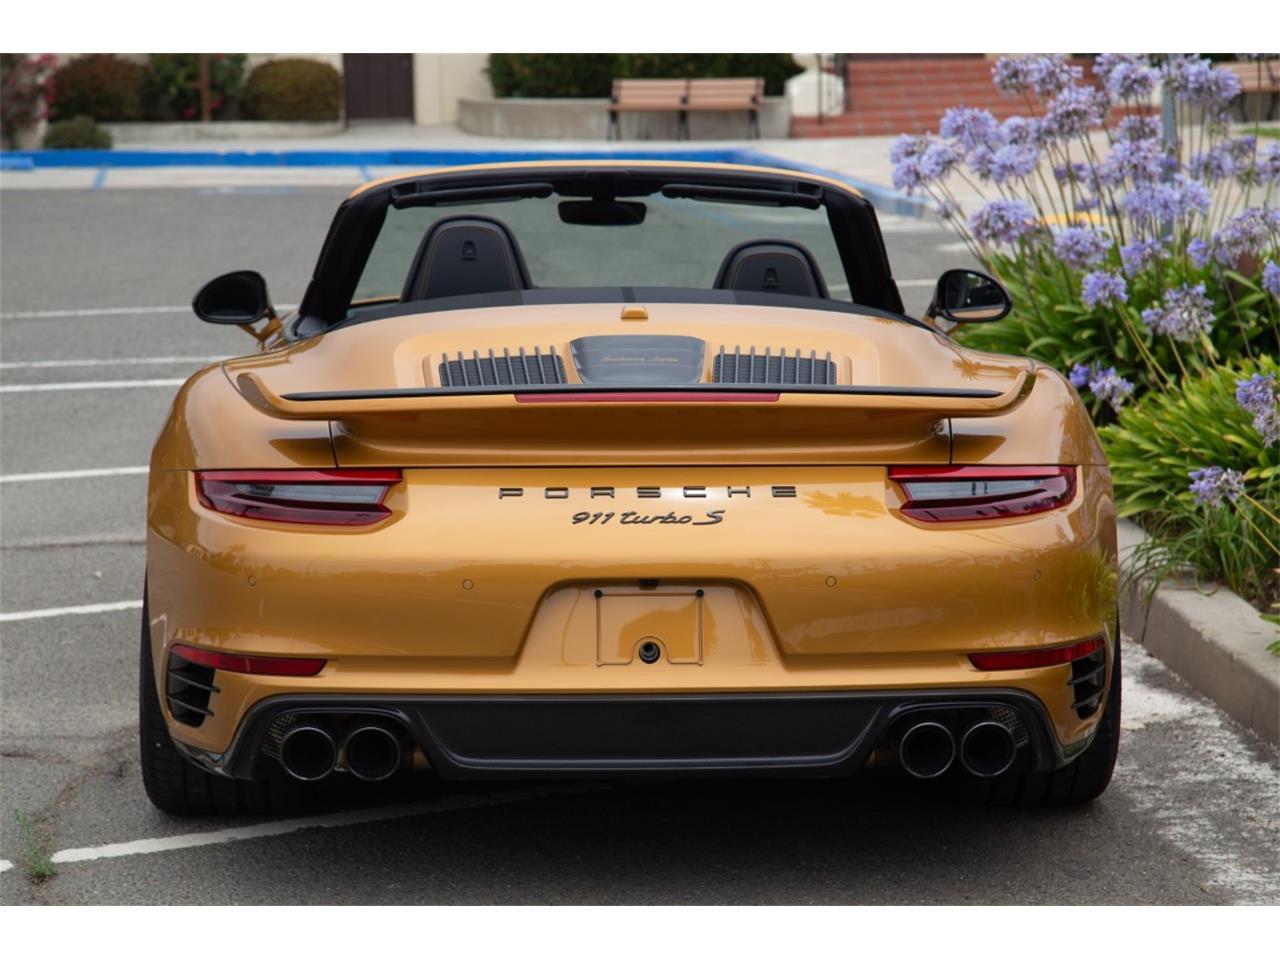 2019 Porsche 911 Turbo S (CC-1363544) for sale in La Jolla, California